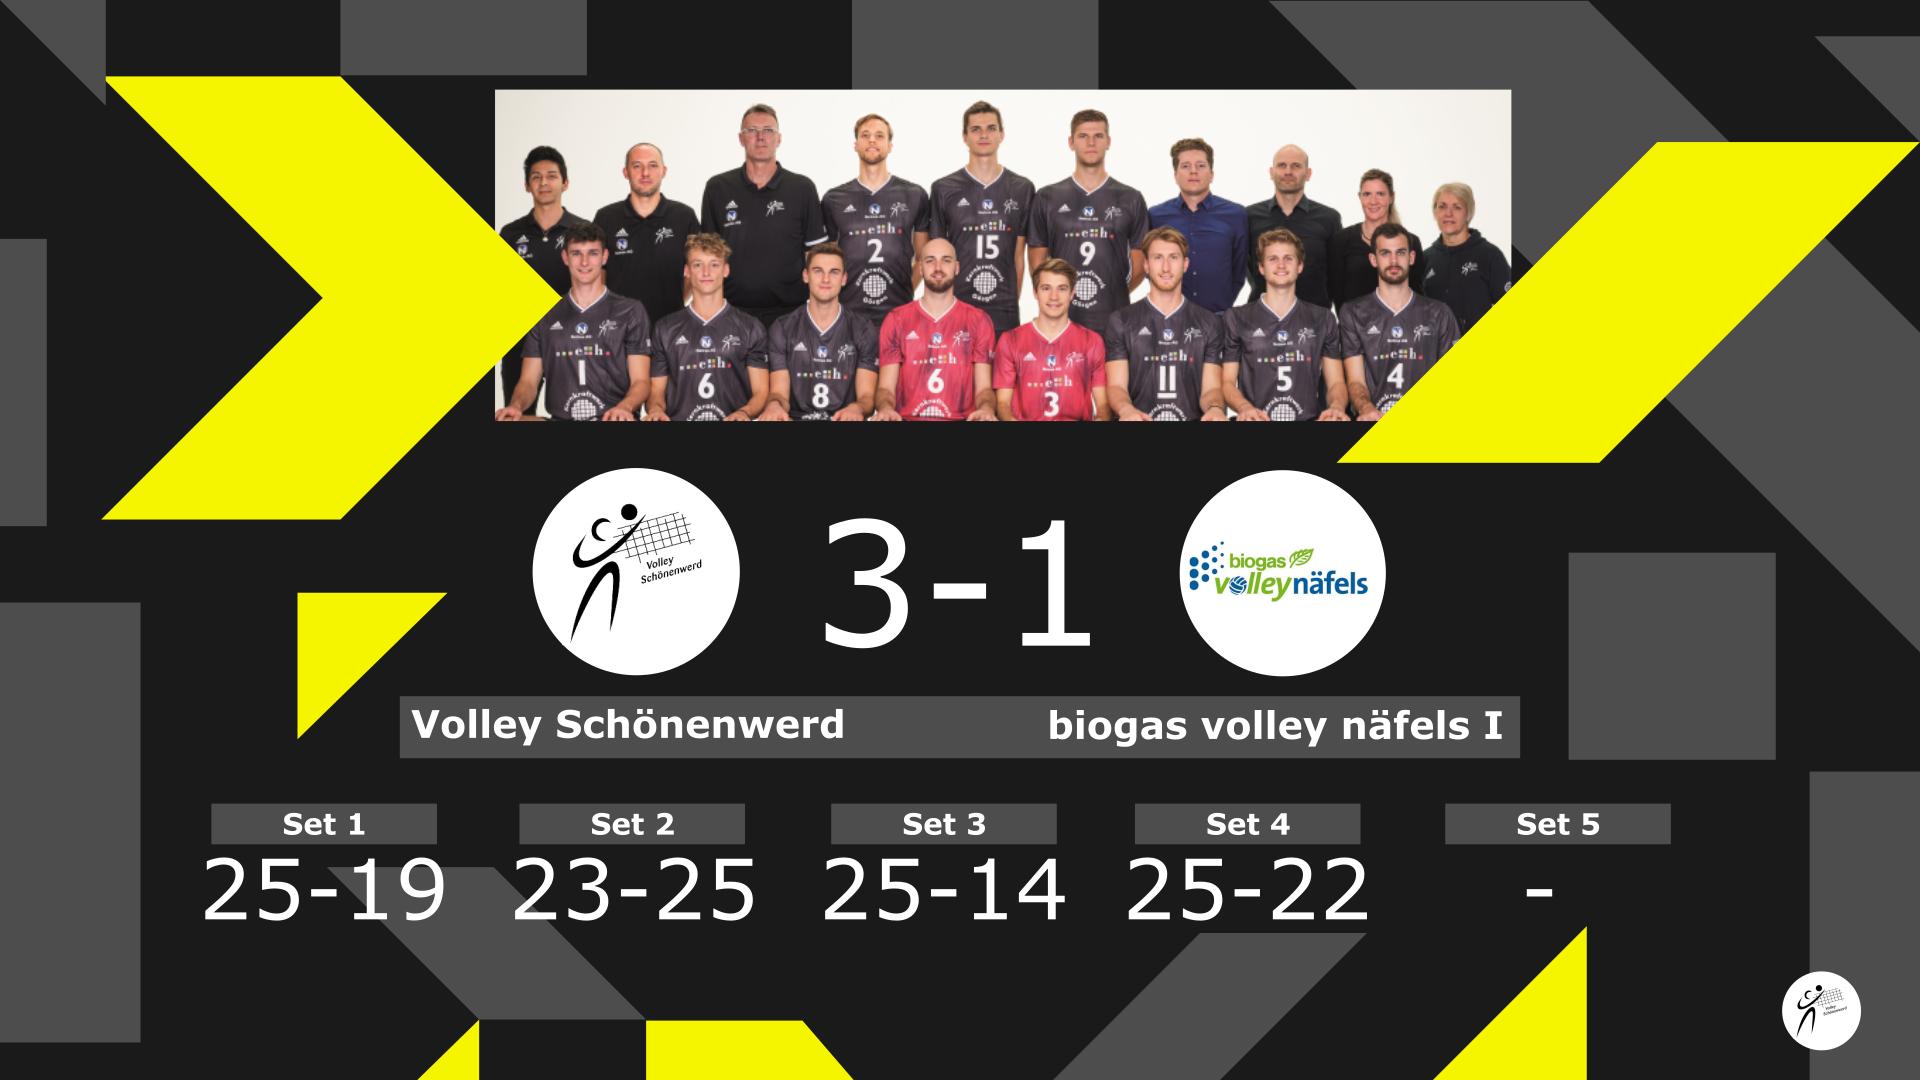 Volley Schönenwerd – biogas volley näfels